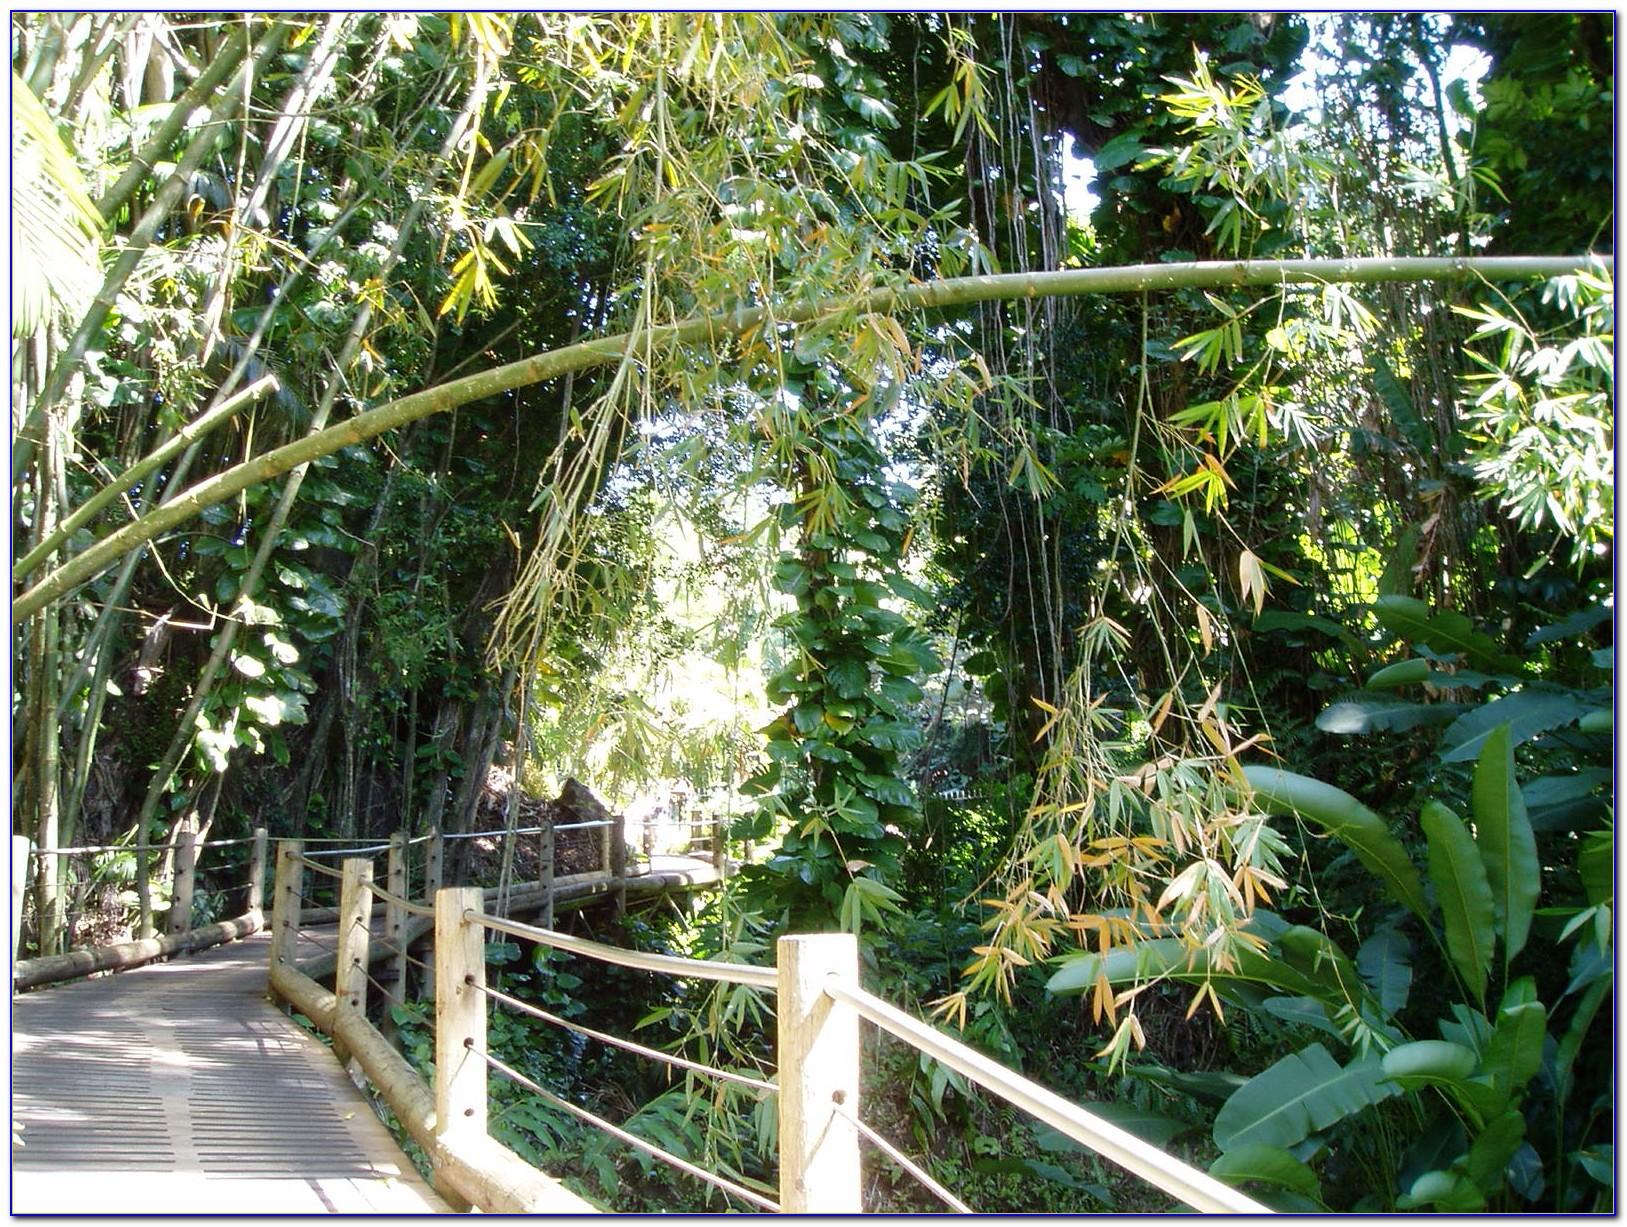 Botanical Gardens Discount Desert Botanical Garden Coupon Ideas For Home Decor San Diego